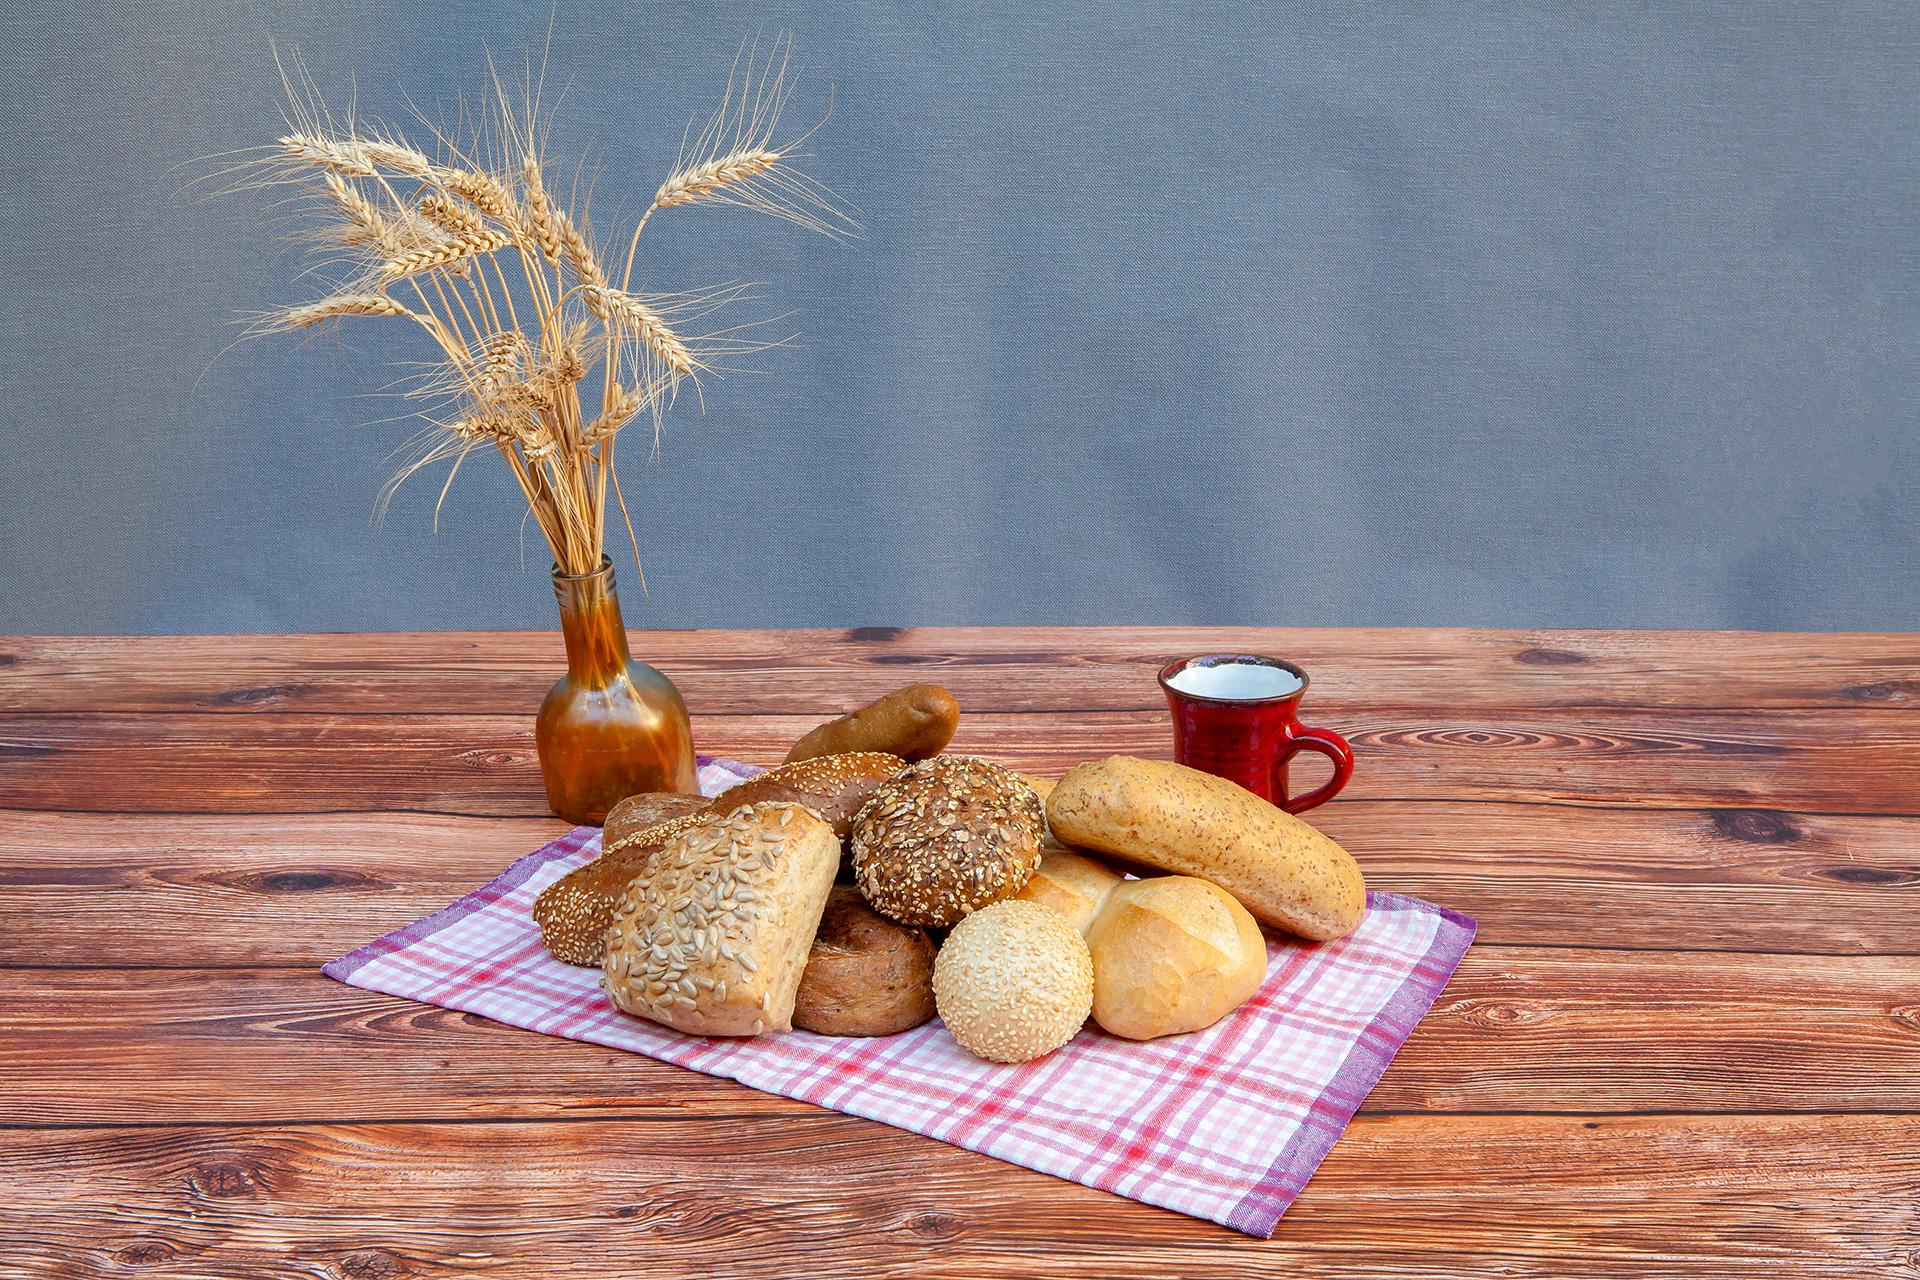 Landbäckerei Koch - Verschiedene Sorten an Brötchen auf Tischtuch